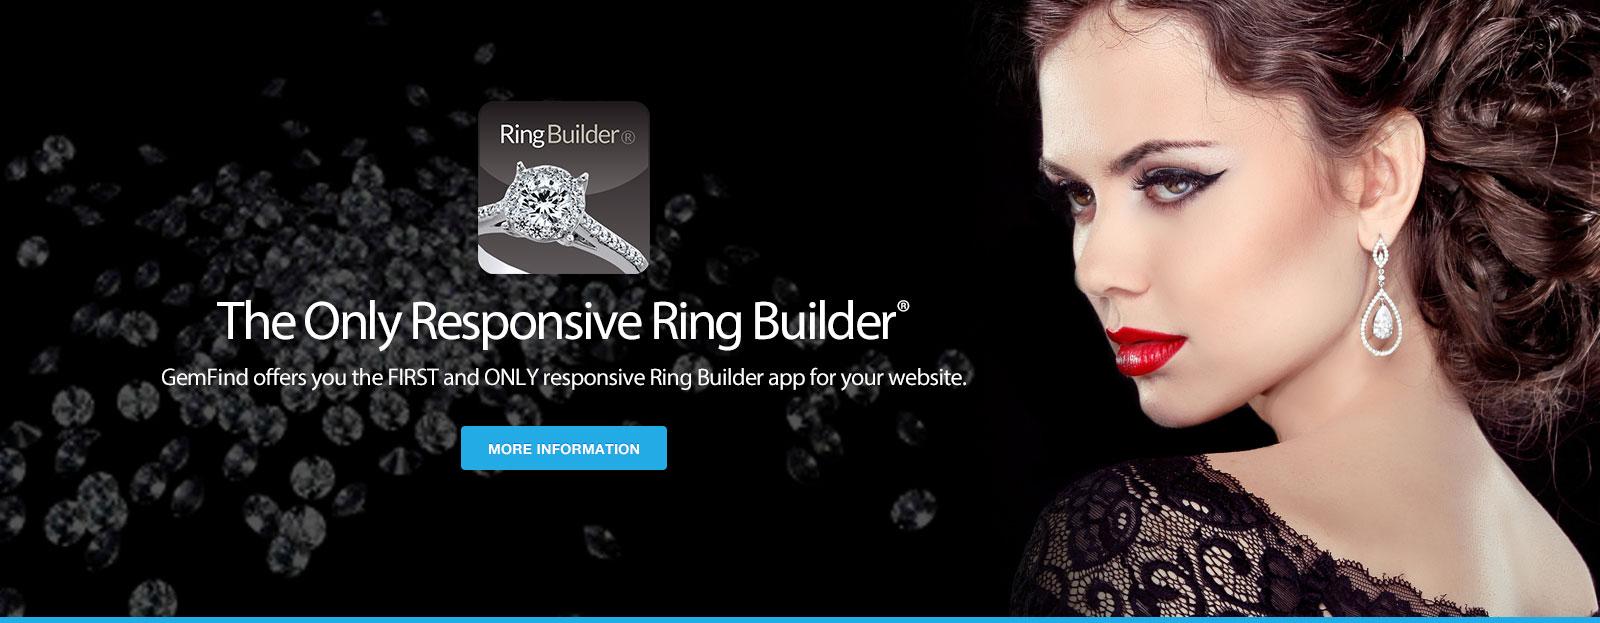 RingBuilderPageHeader